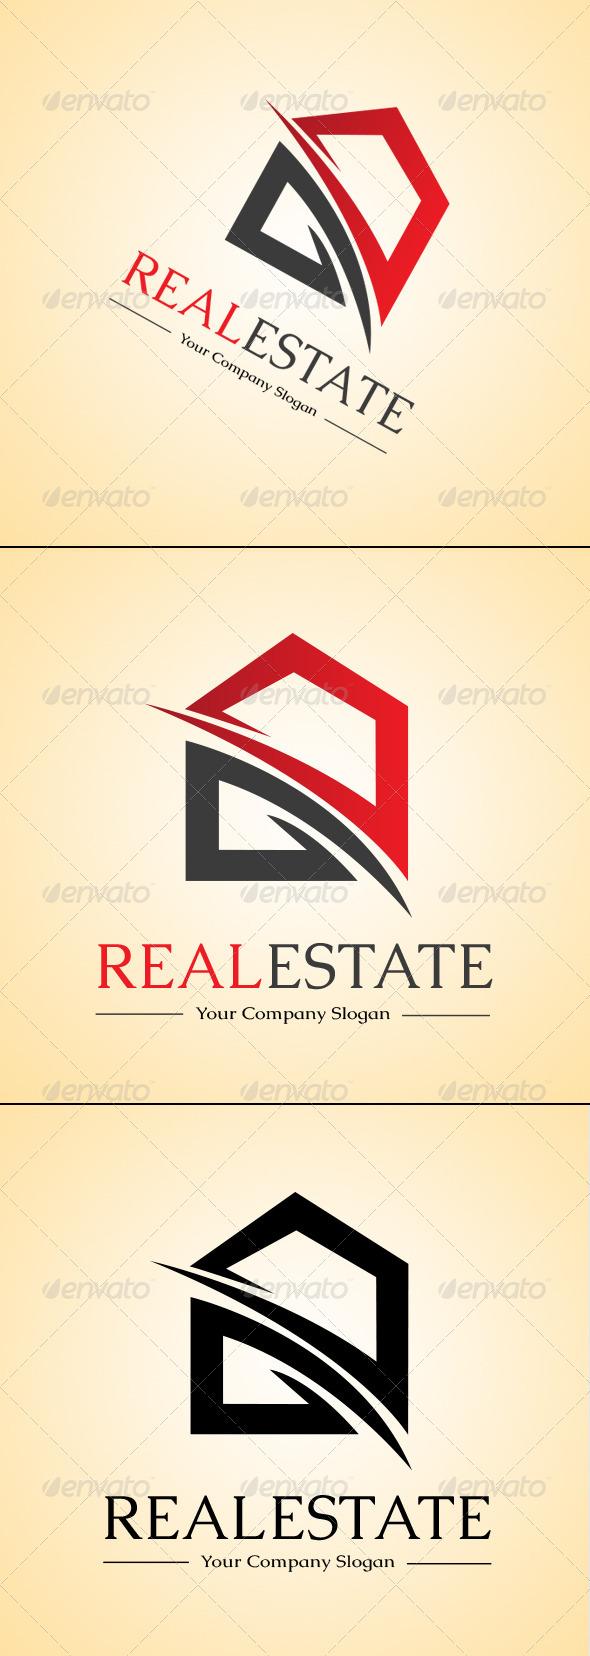 GraphicRiver Real Estate 5216912